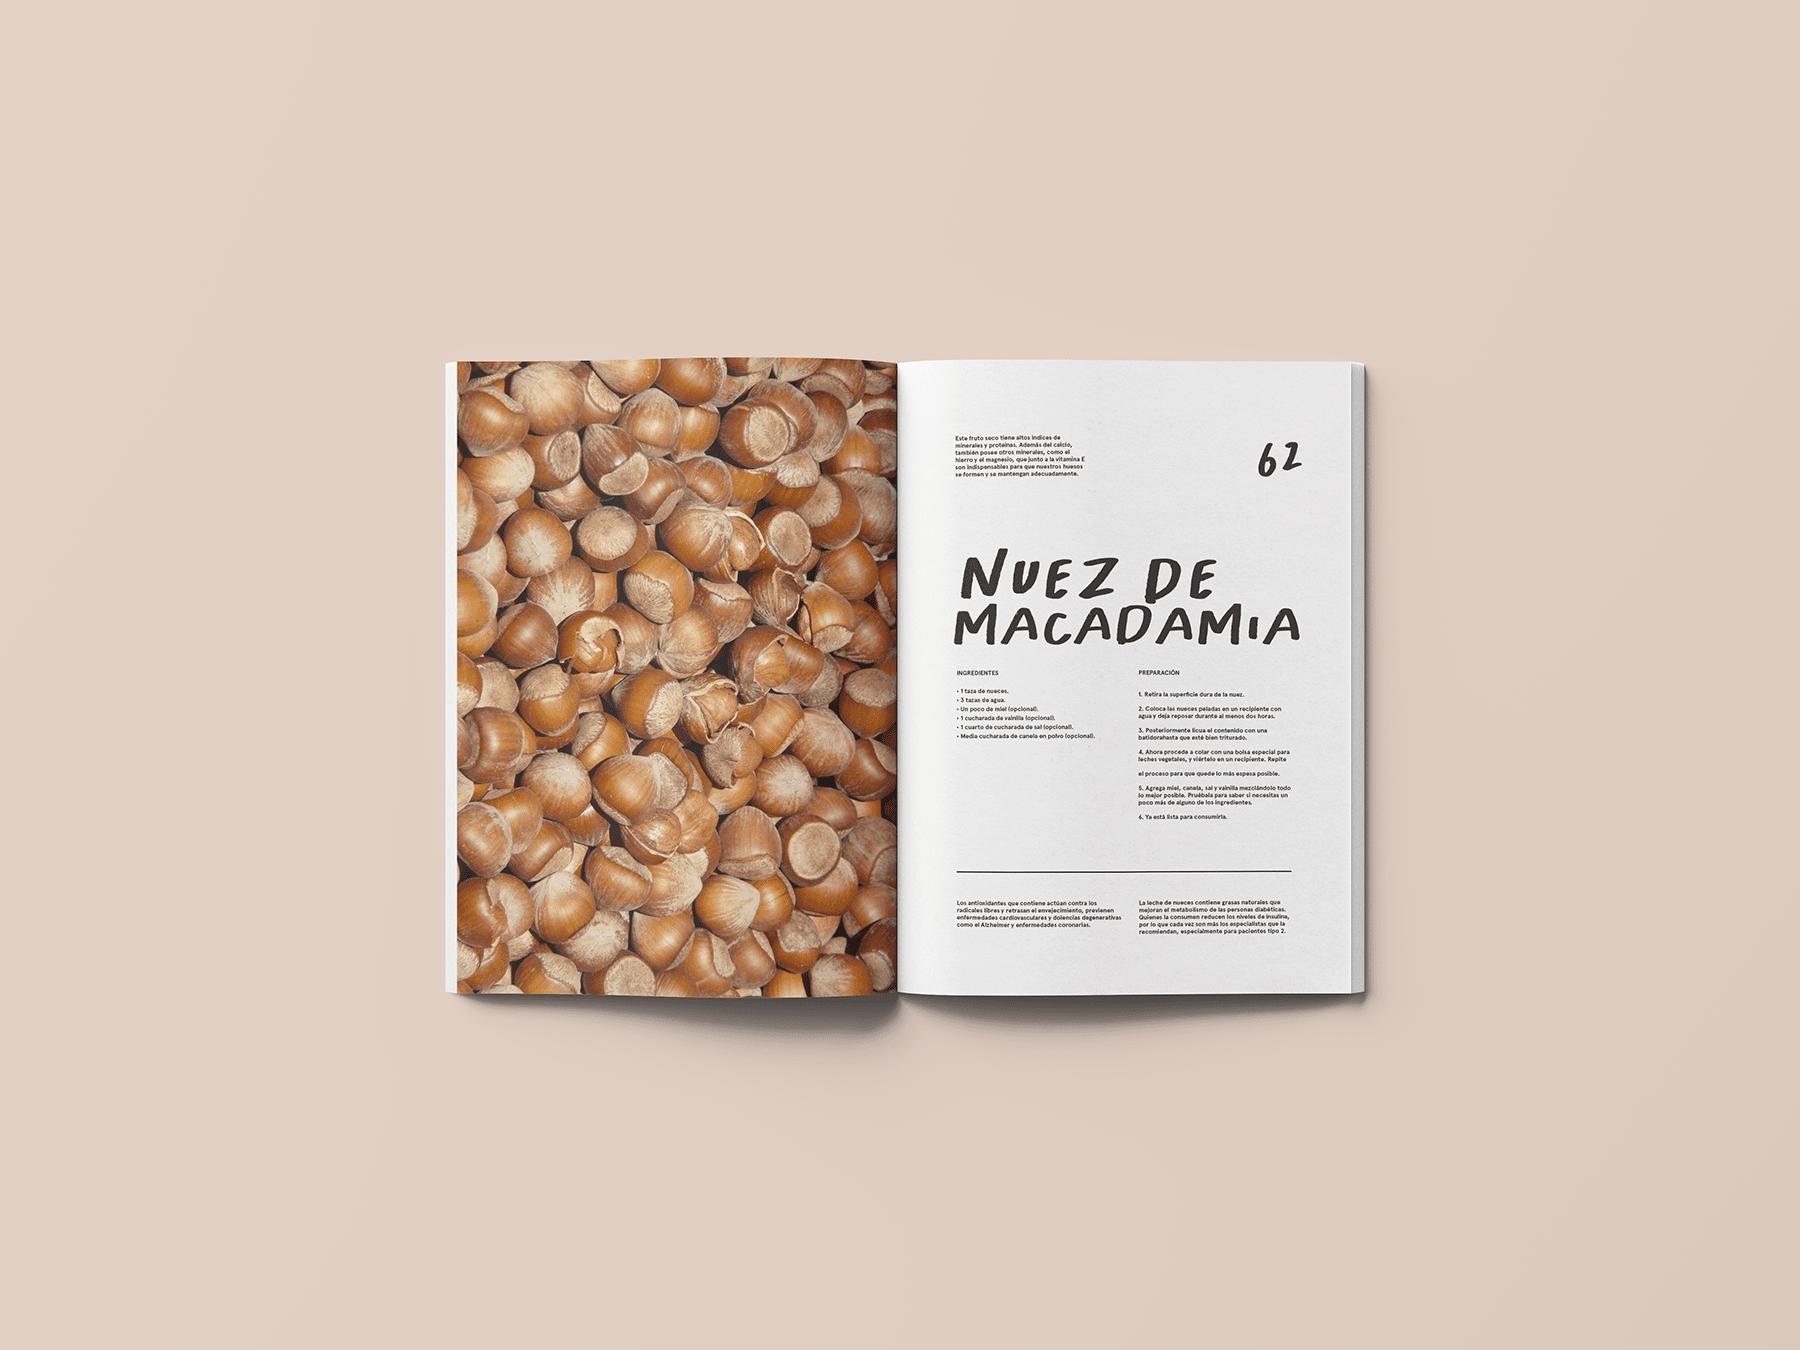 spread-nuez-macadamia-book-lechadas-yoenpaperland